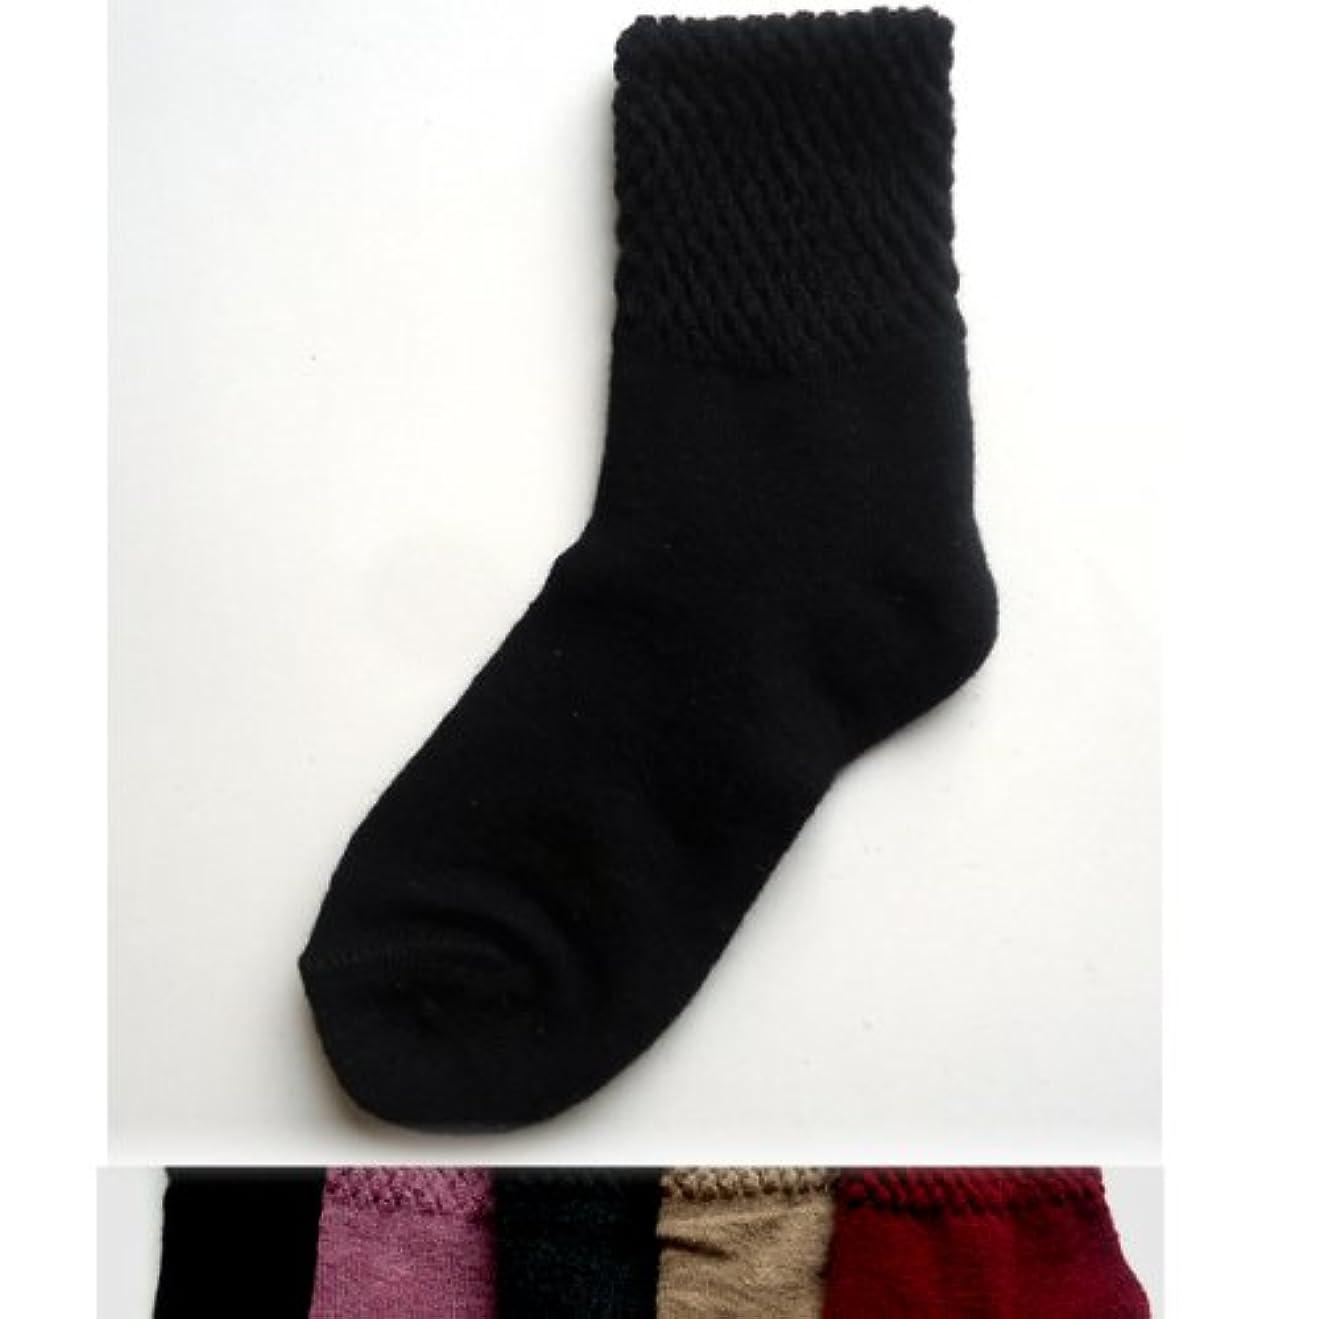 ジョガー法王日食靴下 あったか シルク混 二重編みパイナップルソックス 厚手 22~24cm お買得4足組(色はお任せ)